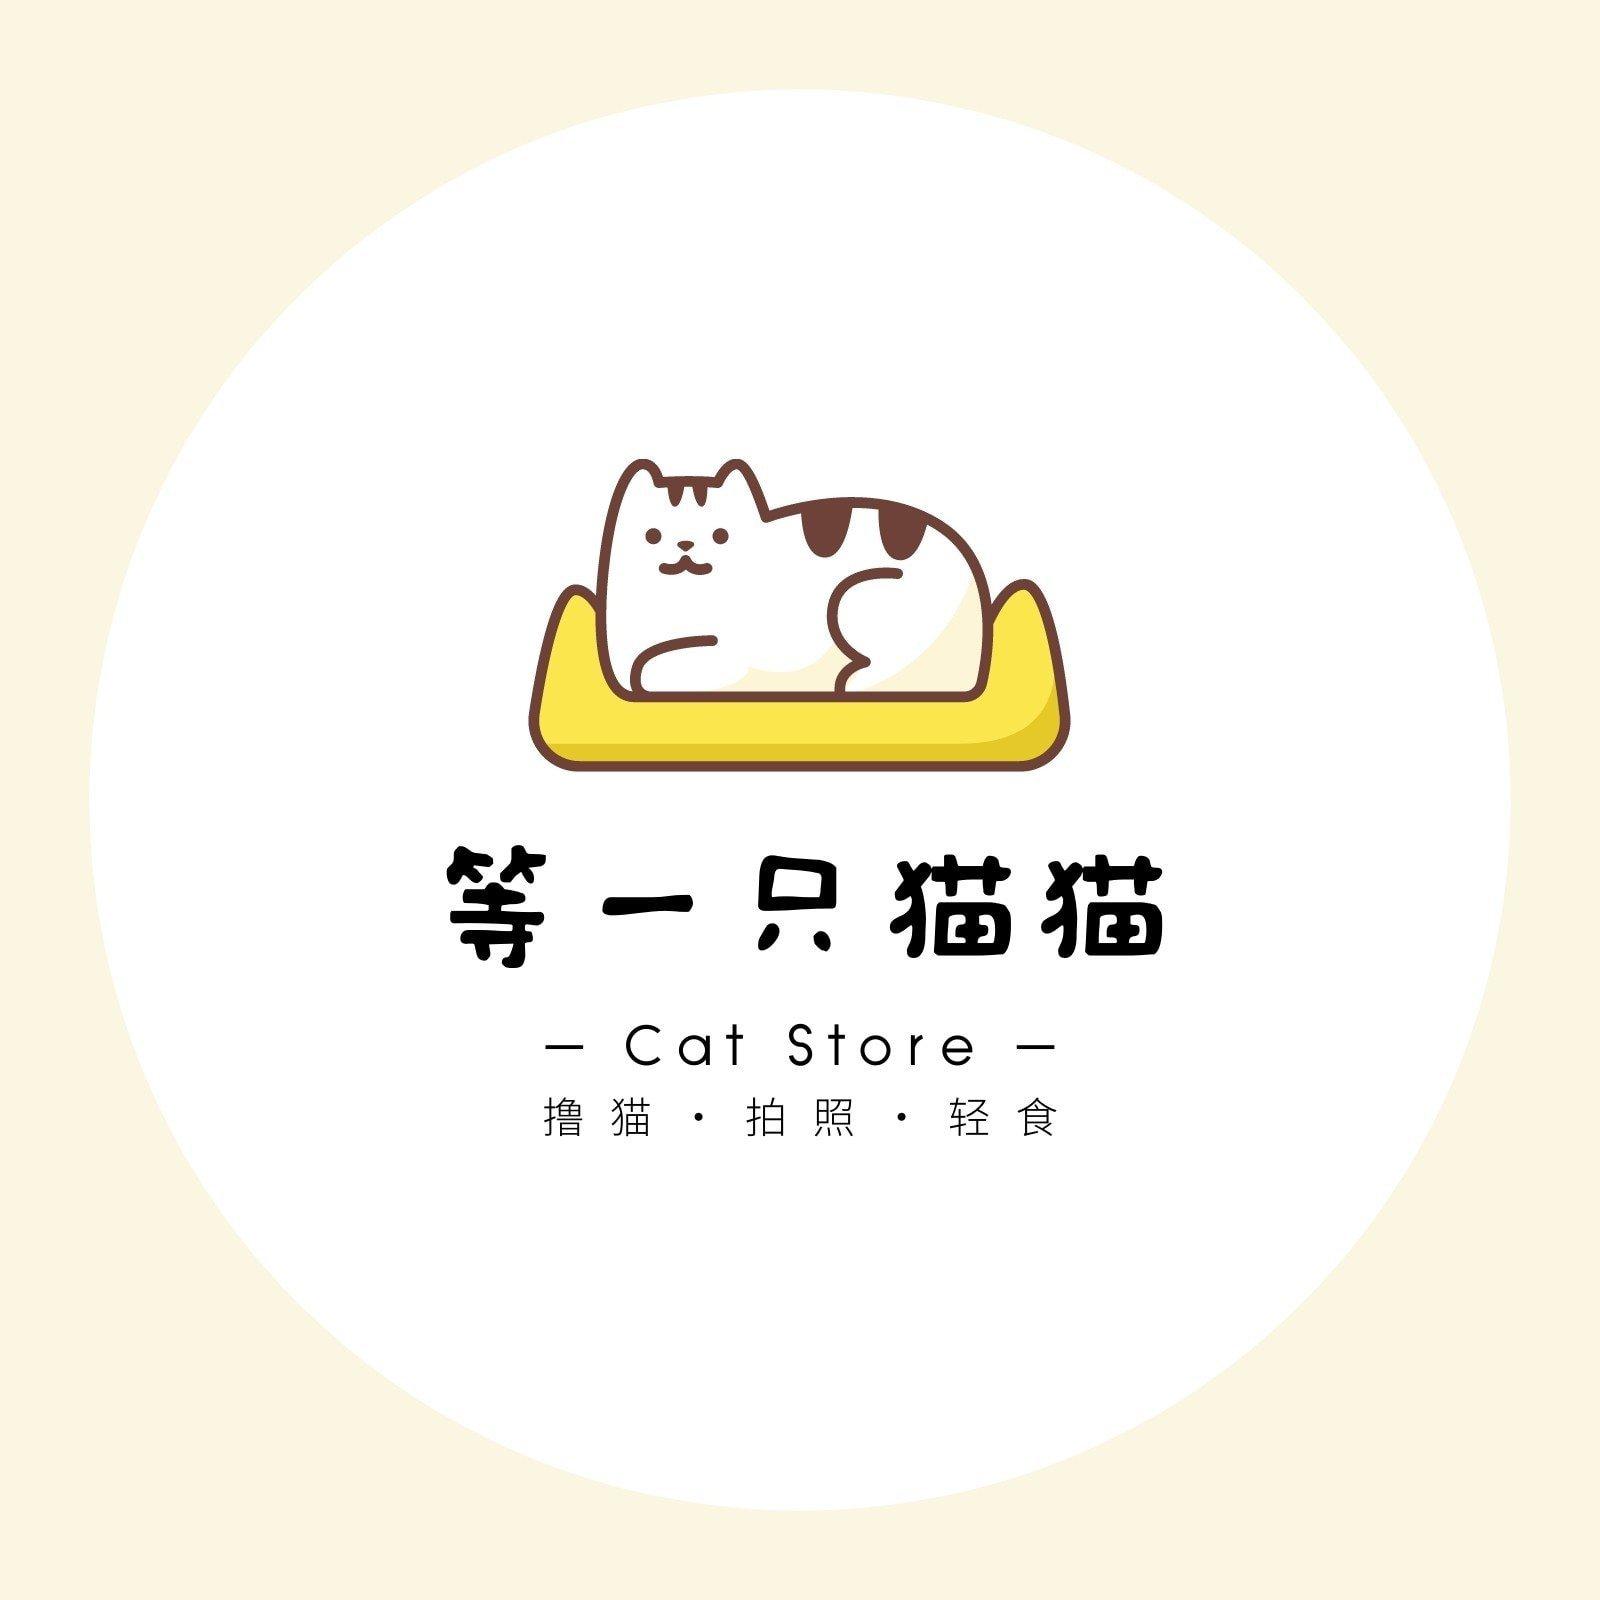 黄褐色猫咪猫咖宠物店猫舍撸猫等一只猫猫可爱宠物宣传中文logo